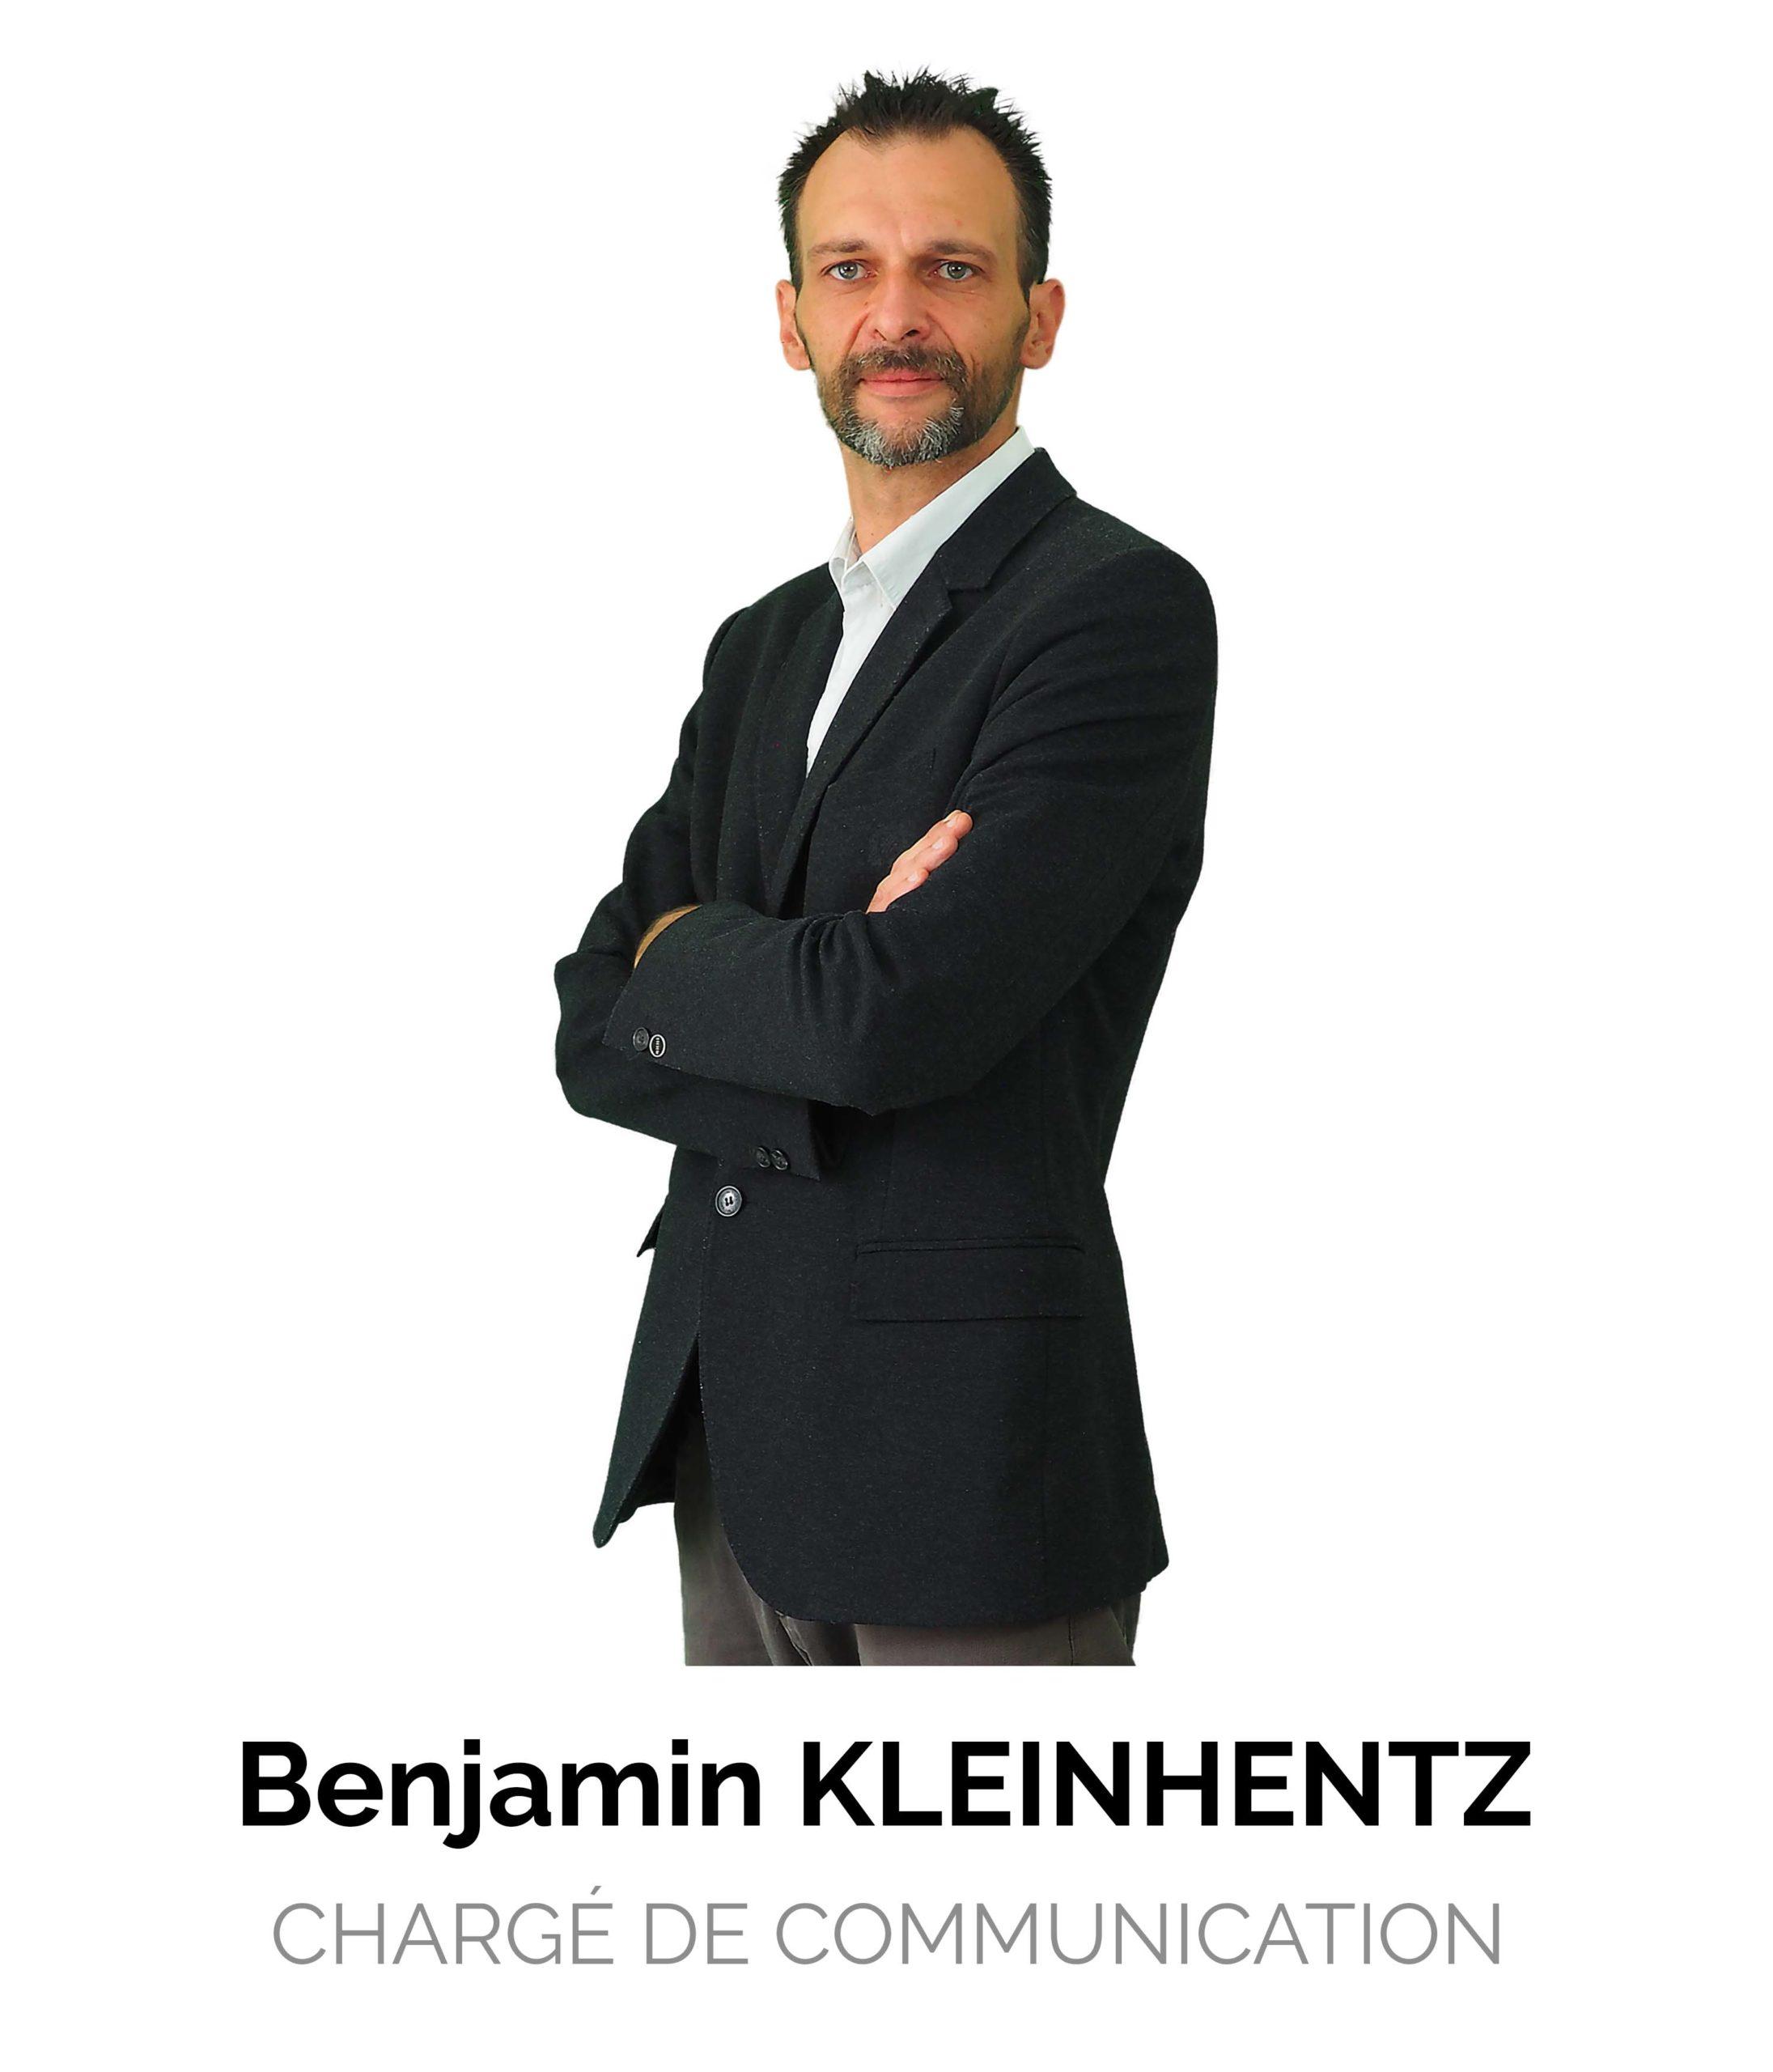 Benjamin Kleinhentz Chargé de Communication